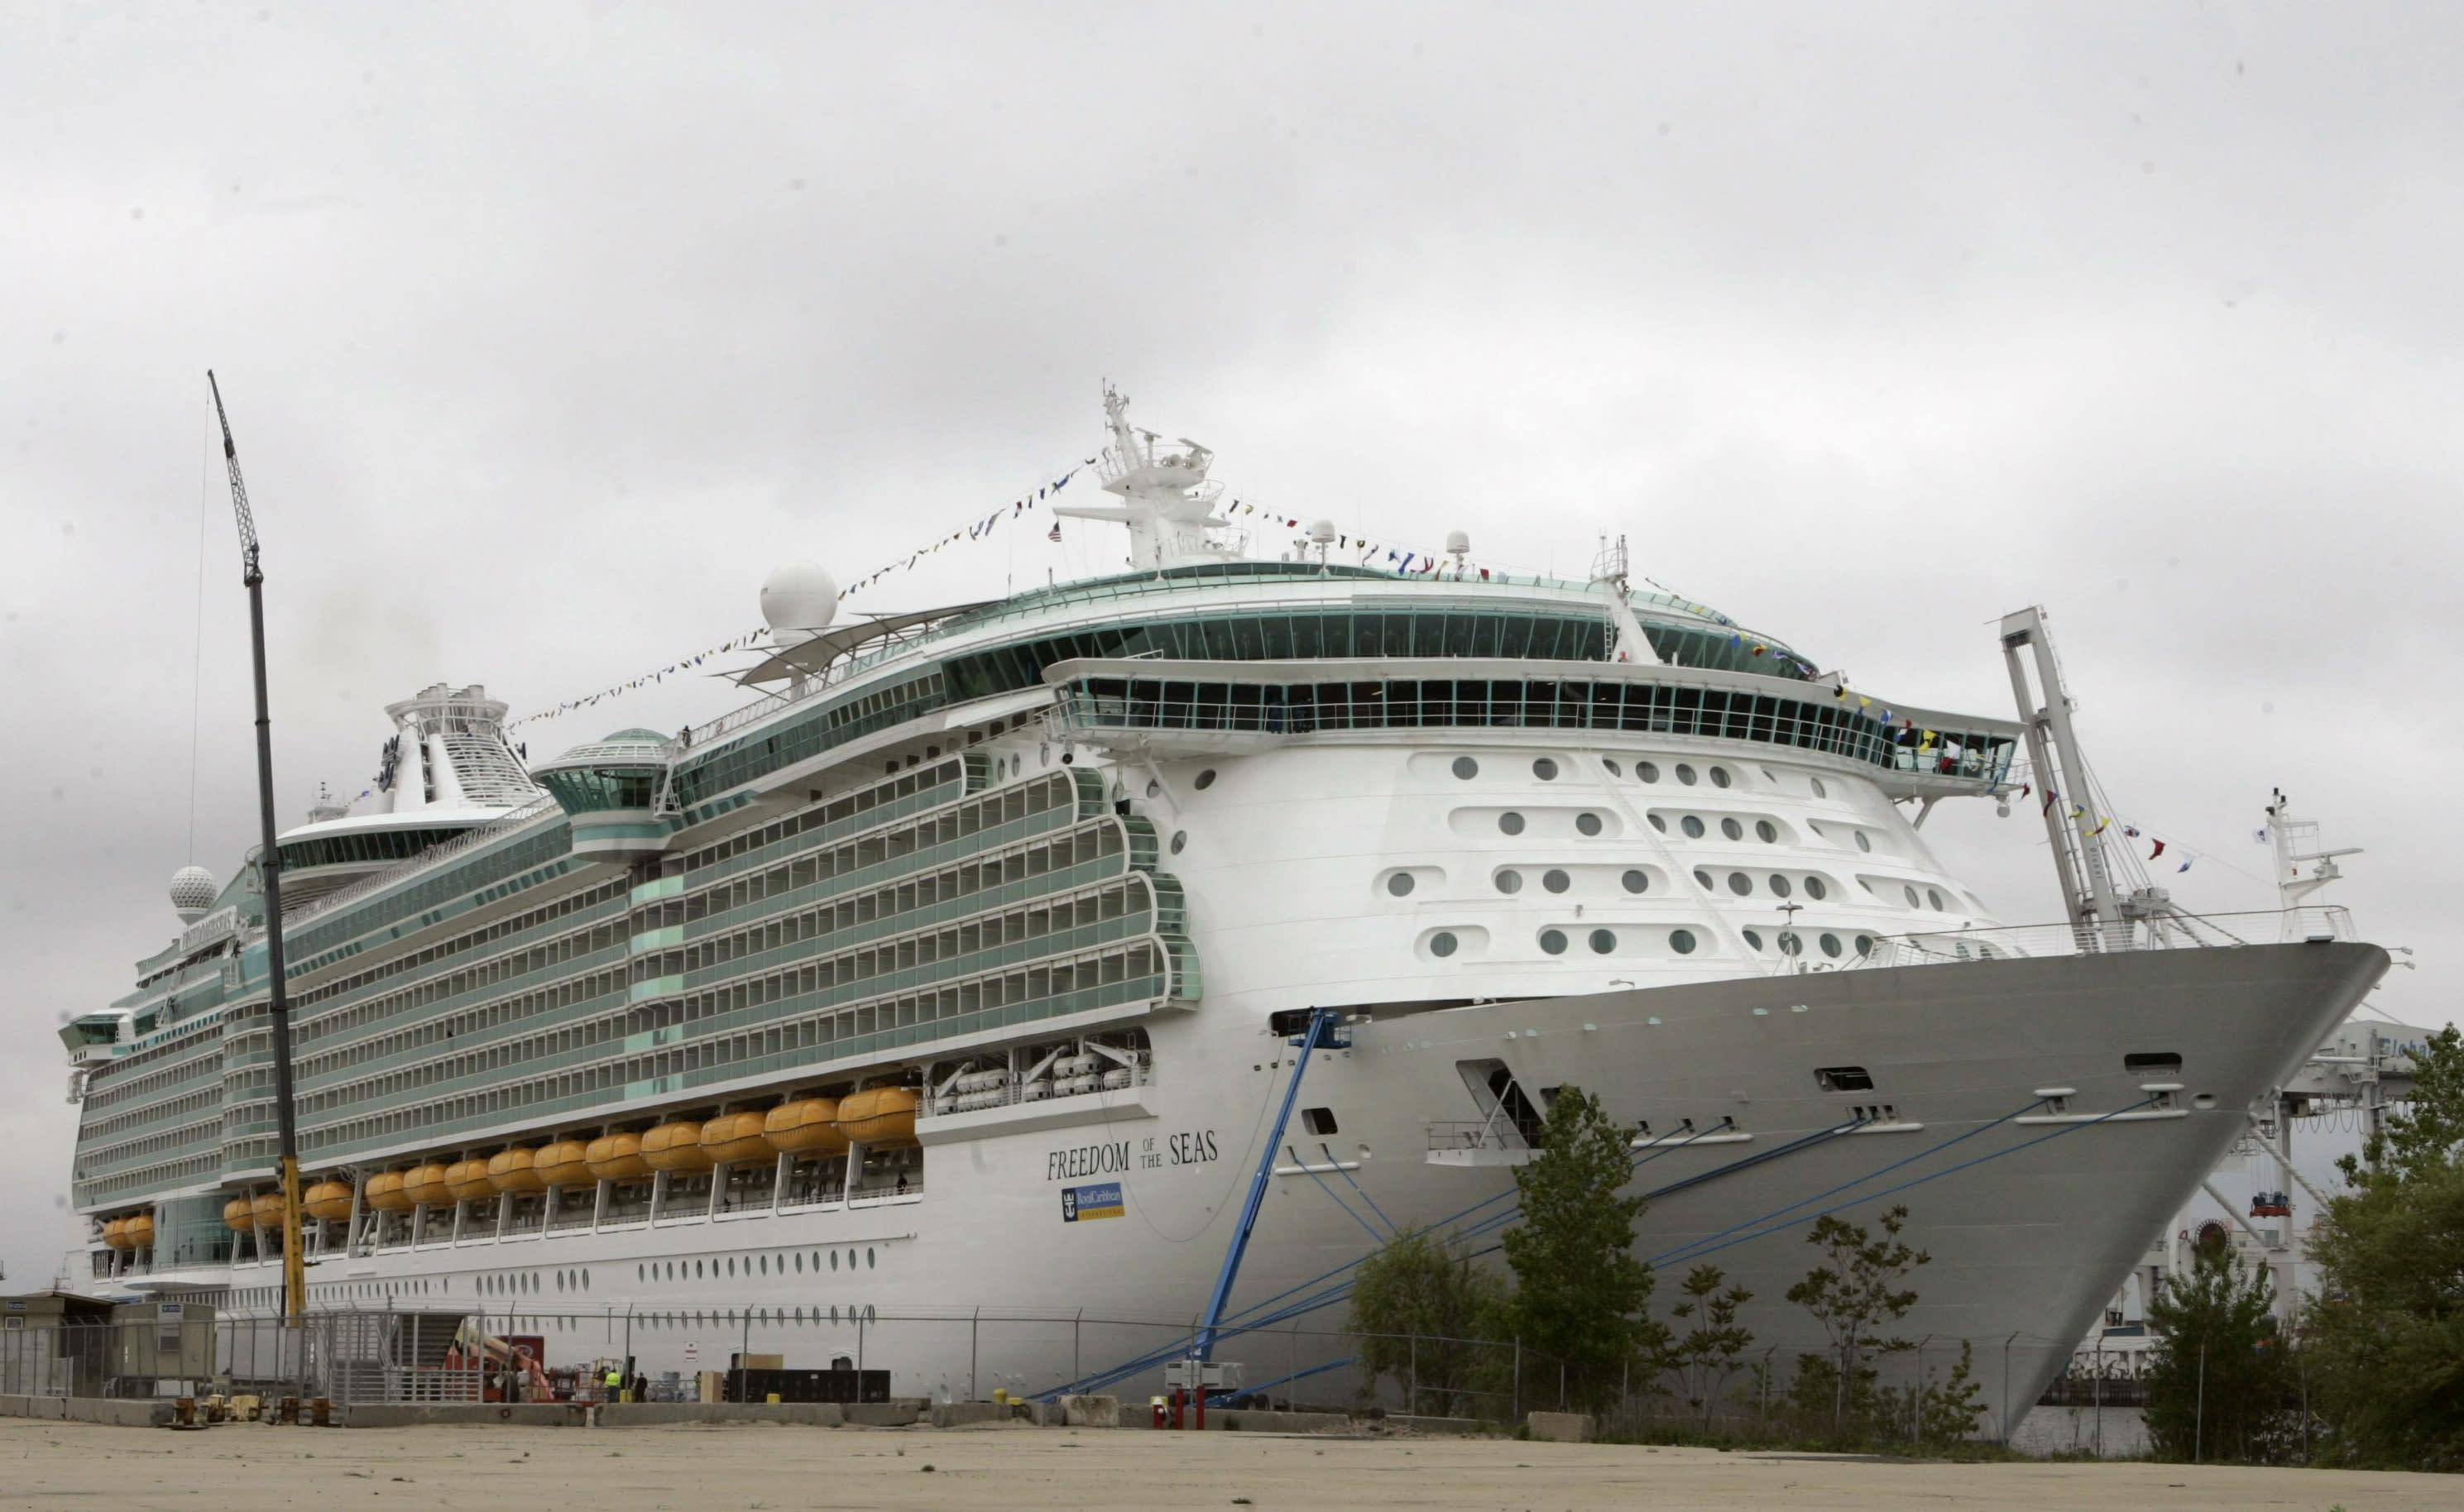 Puerto Rico Cruise Ship Death